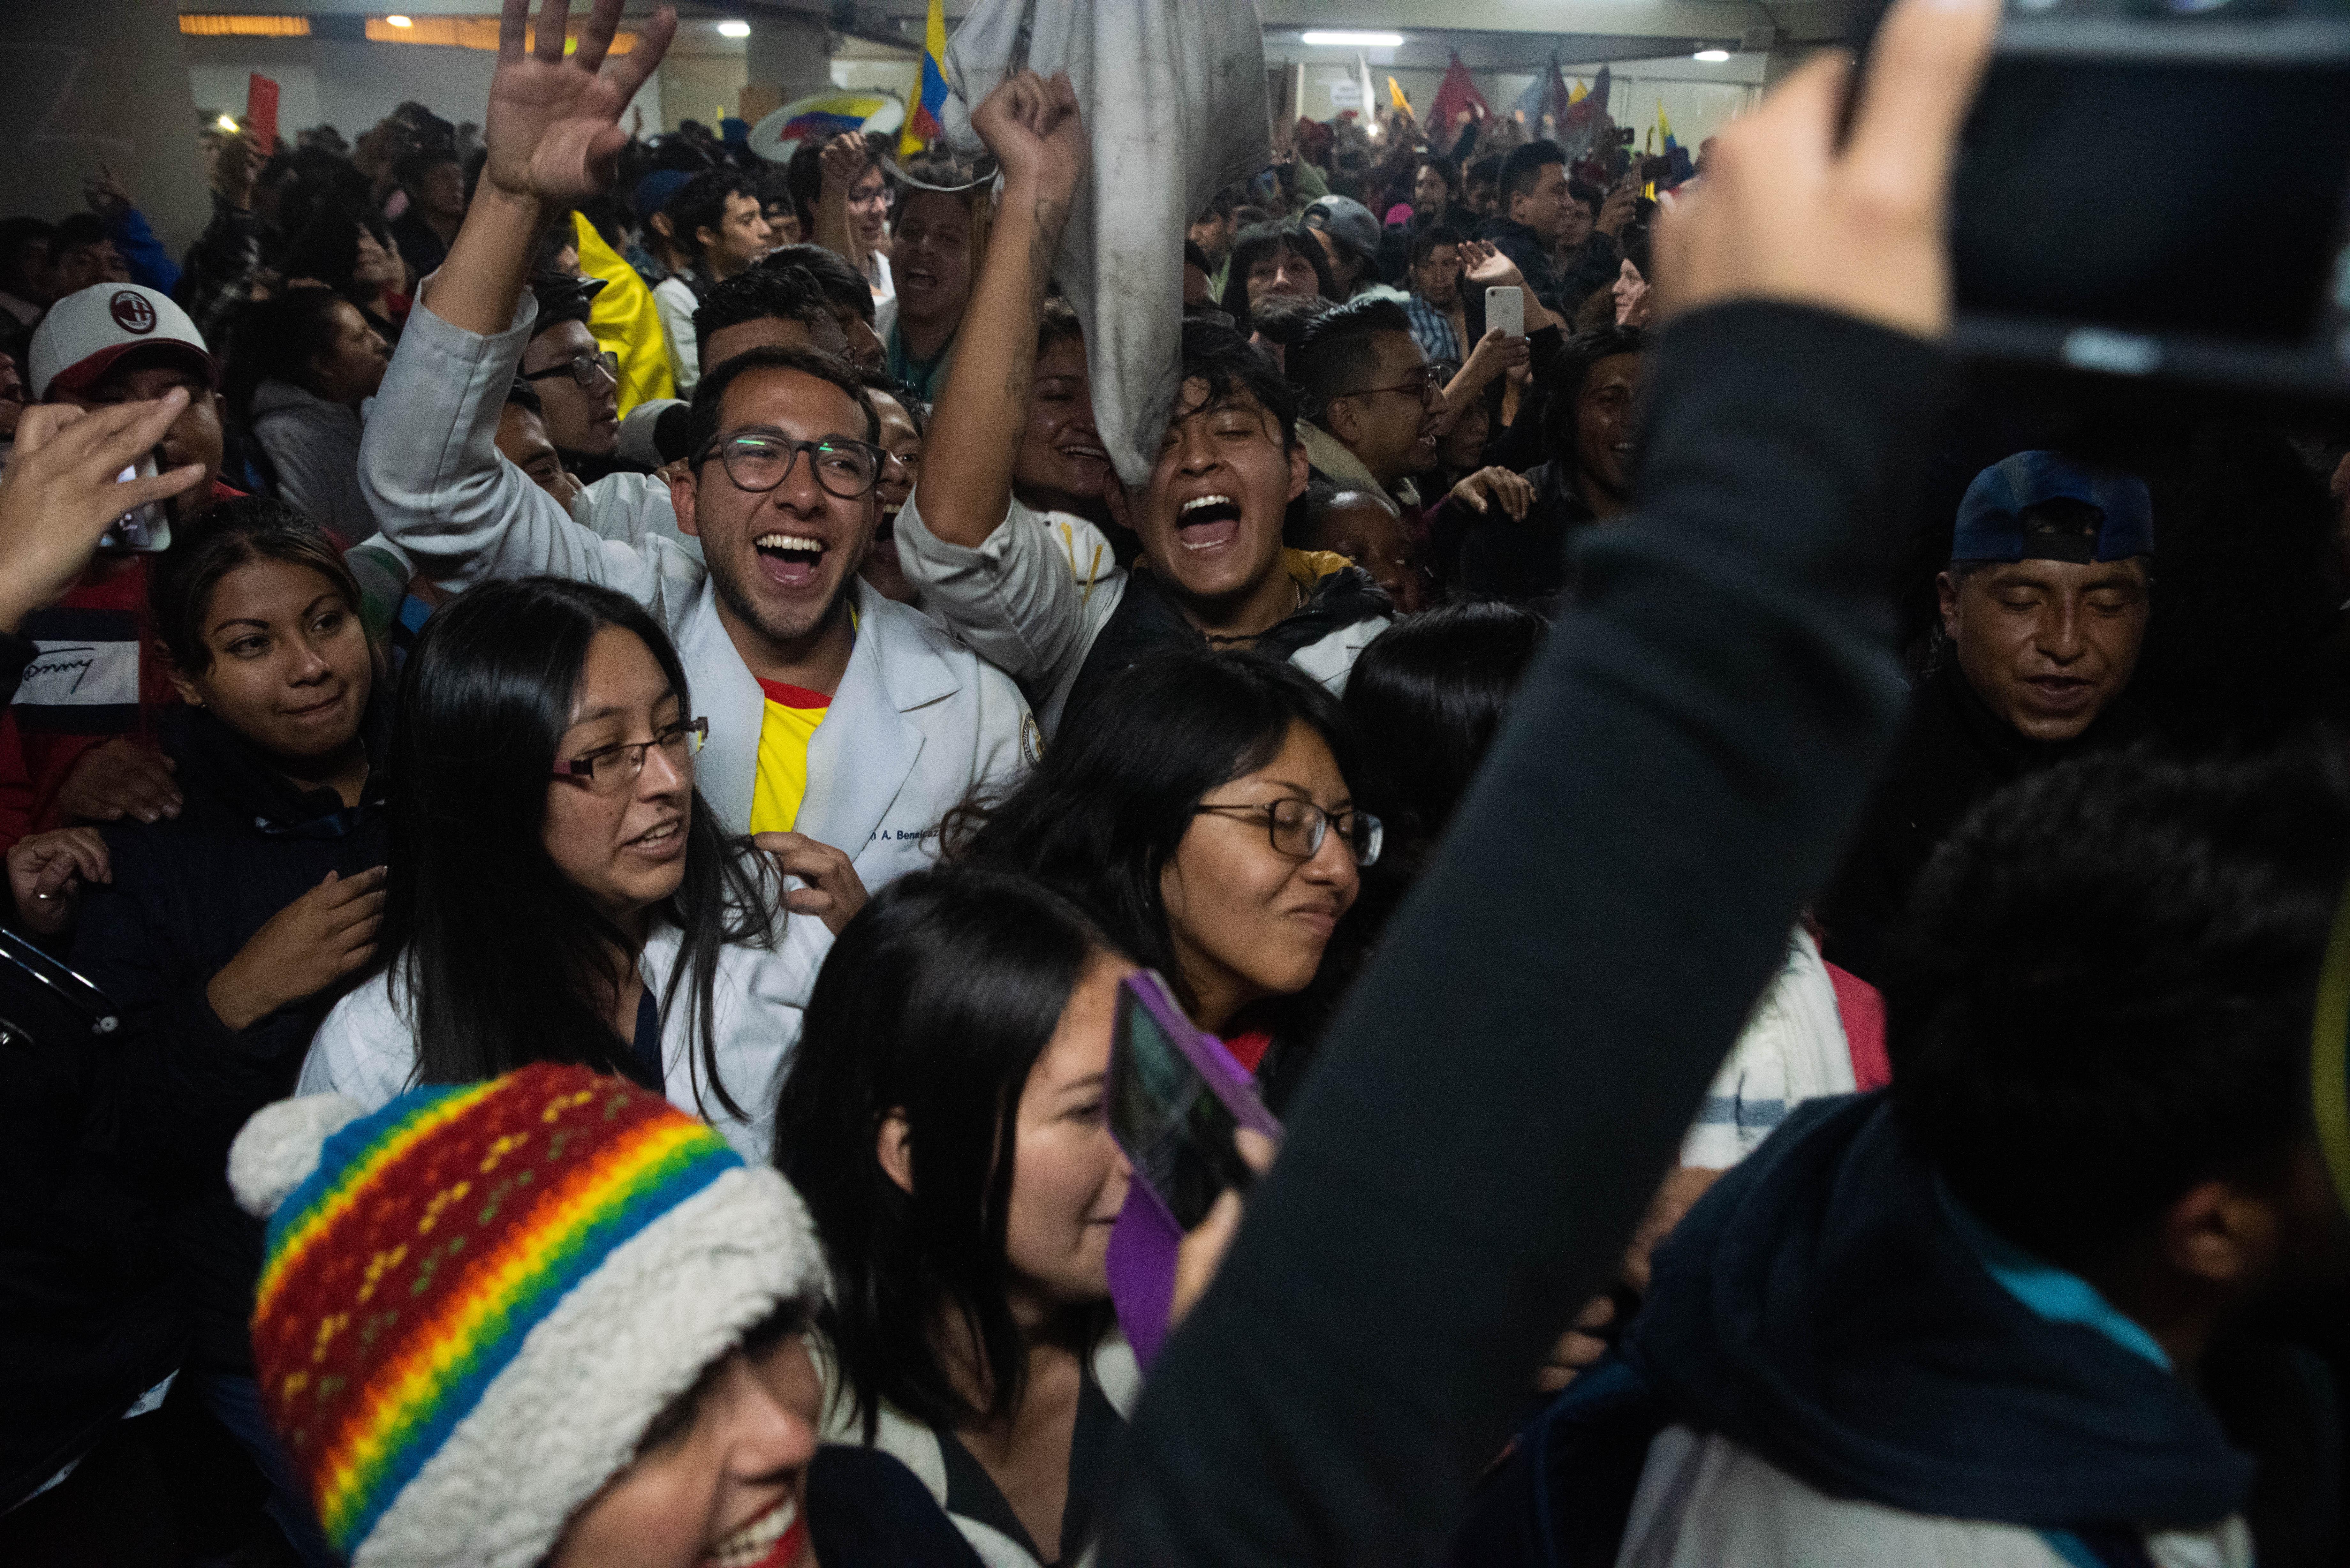 Miles de personas salieron a las calles a celebrar después de que el Presidente ecuatoriano Lenin Moreno anunciara que derogaría el decreto 883 que eliminaba los subsidios para los combustibles